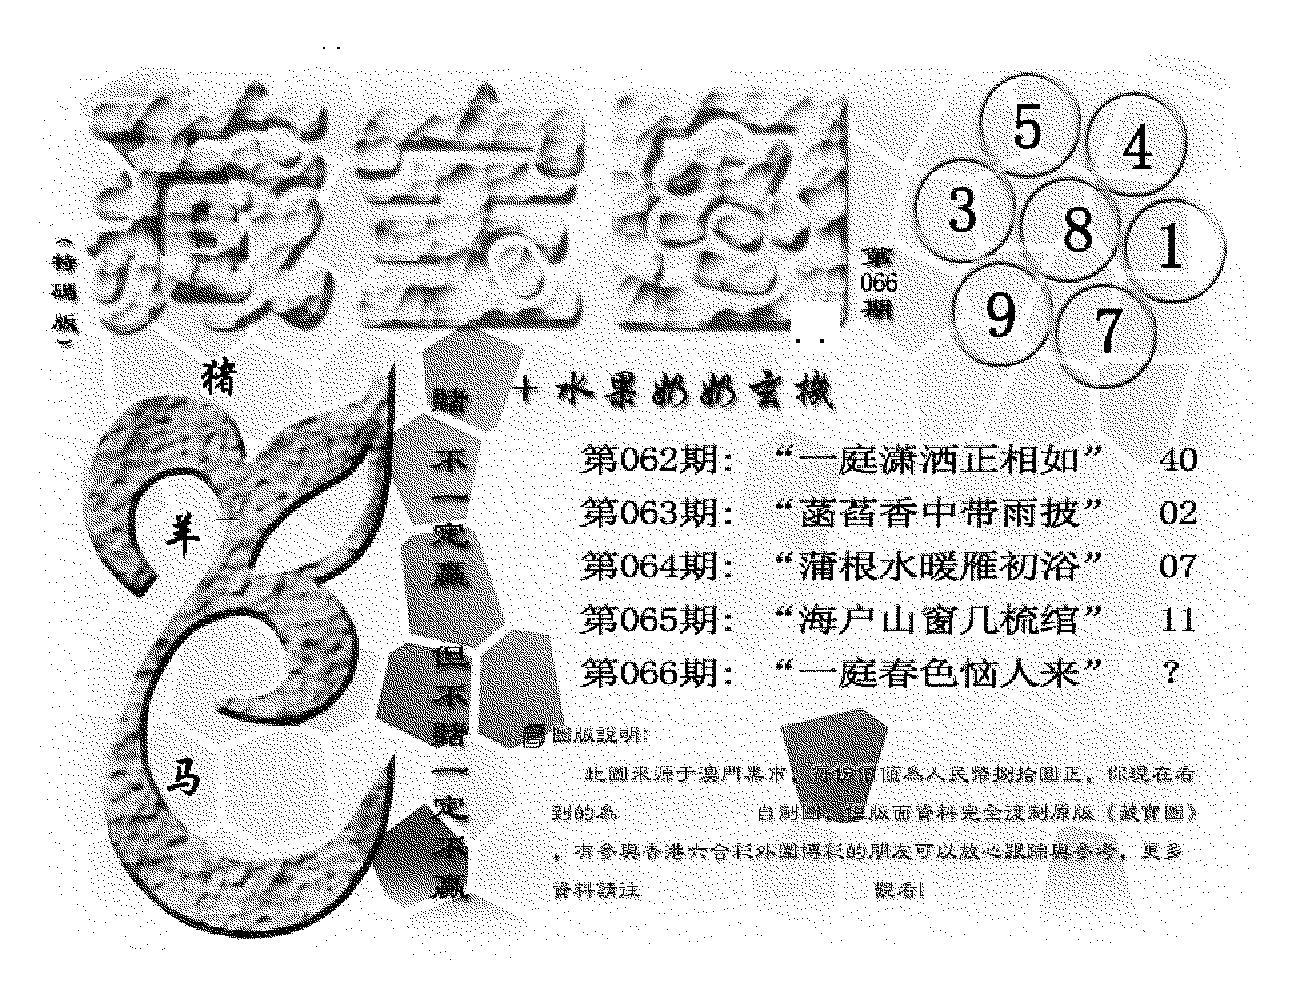 066期(九龙藏宝图)正版(黑白)